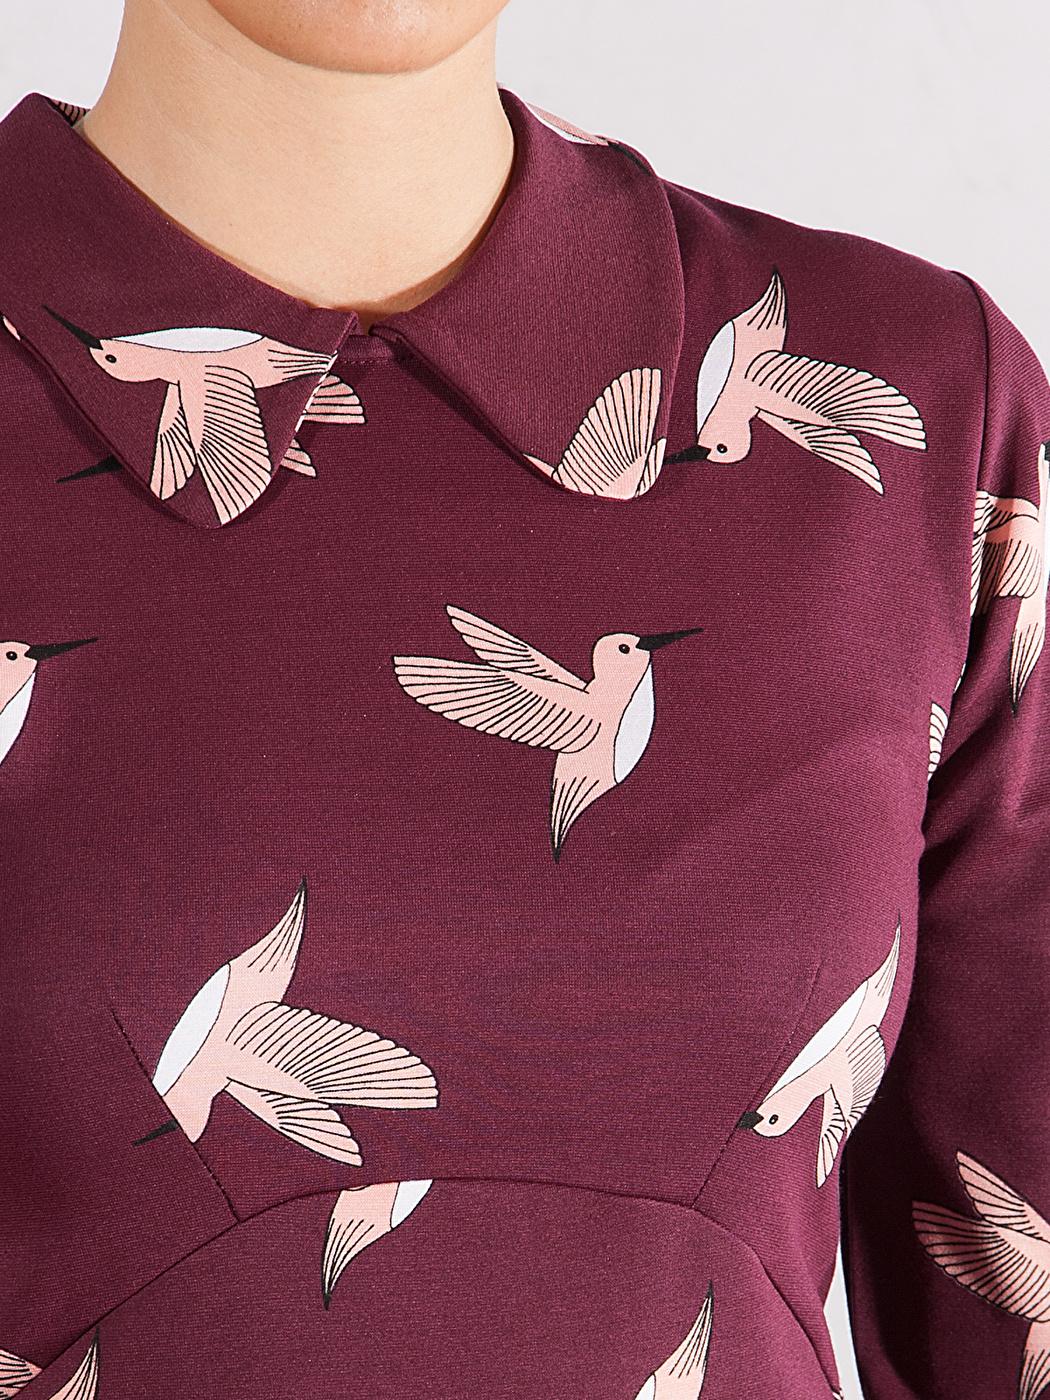 Tant Sofia-Holly Hummingbird, Mme YèYè